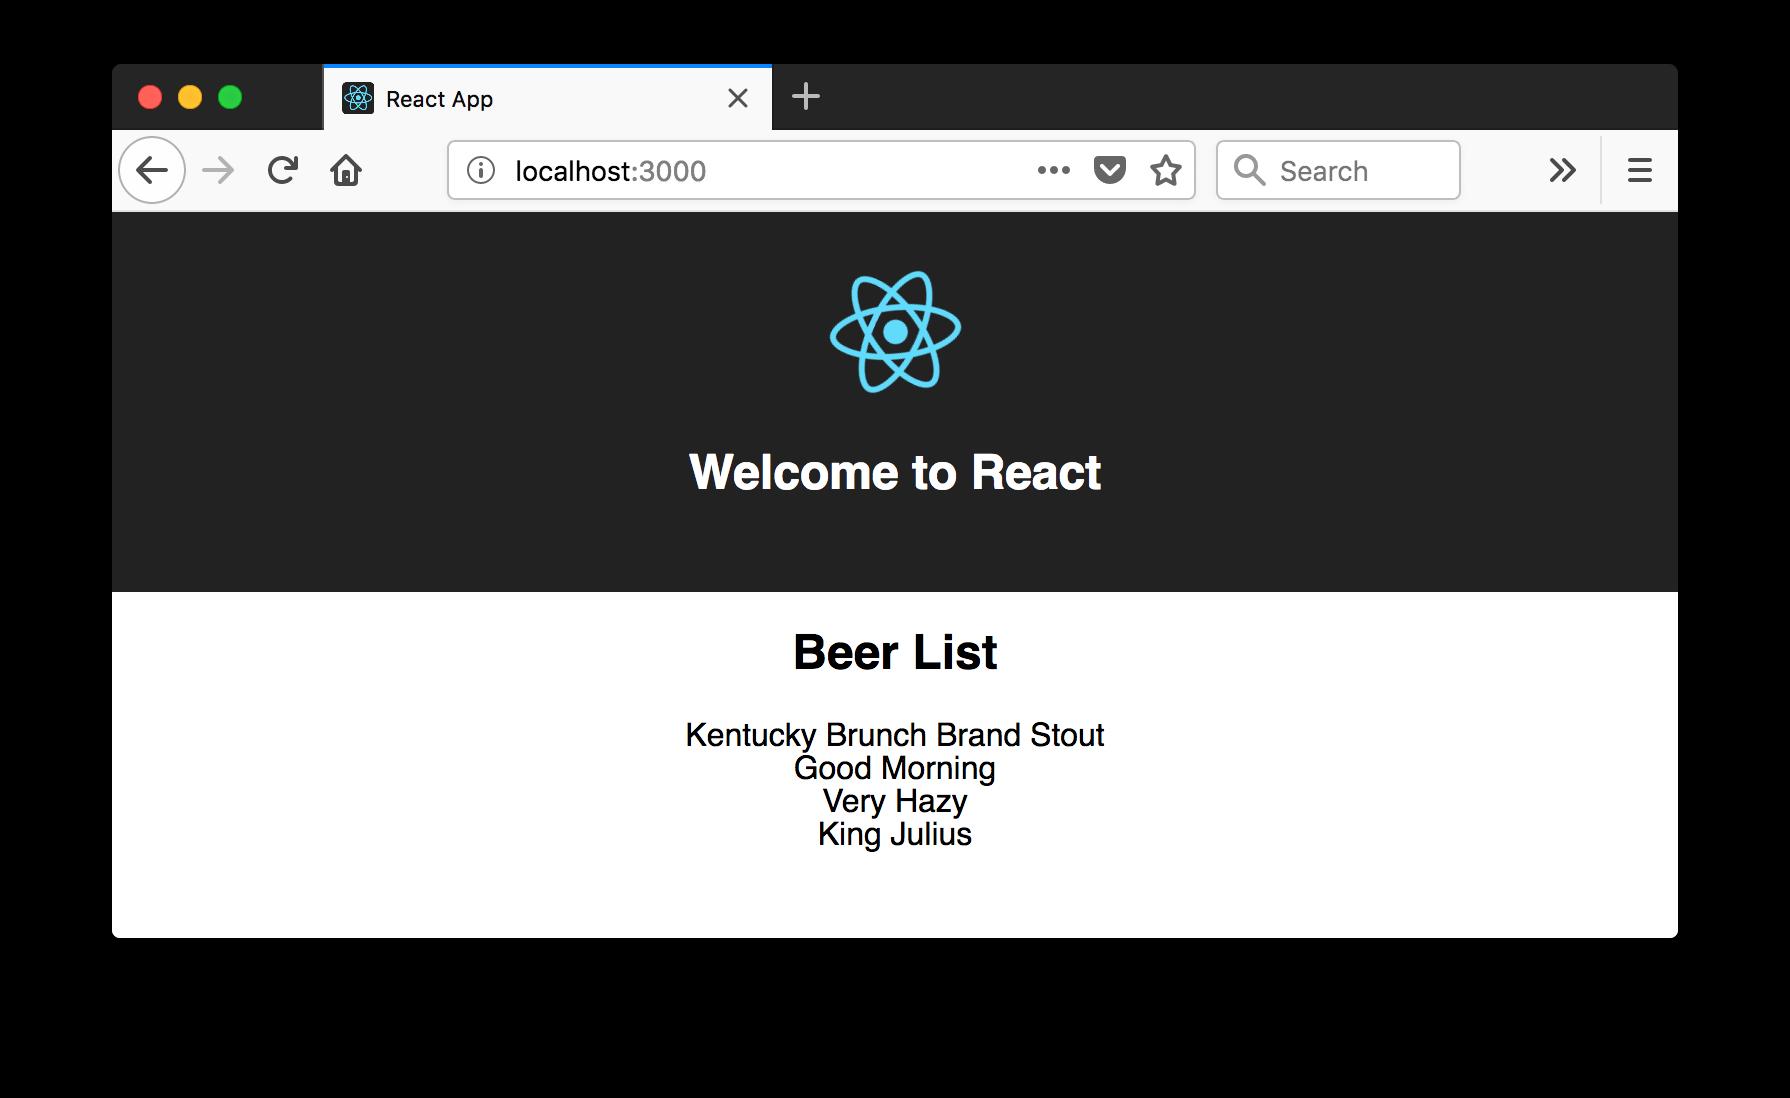 Beer List in React